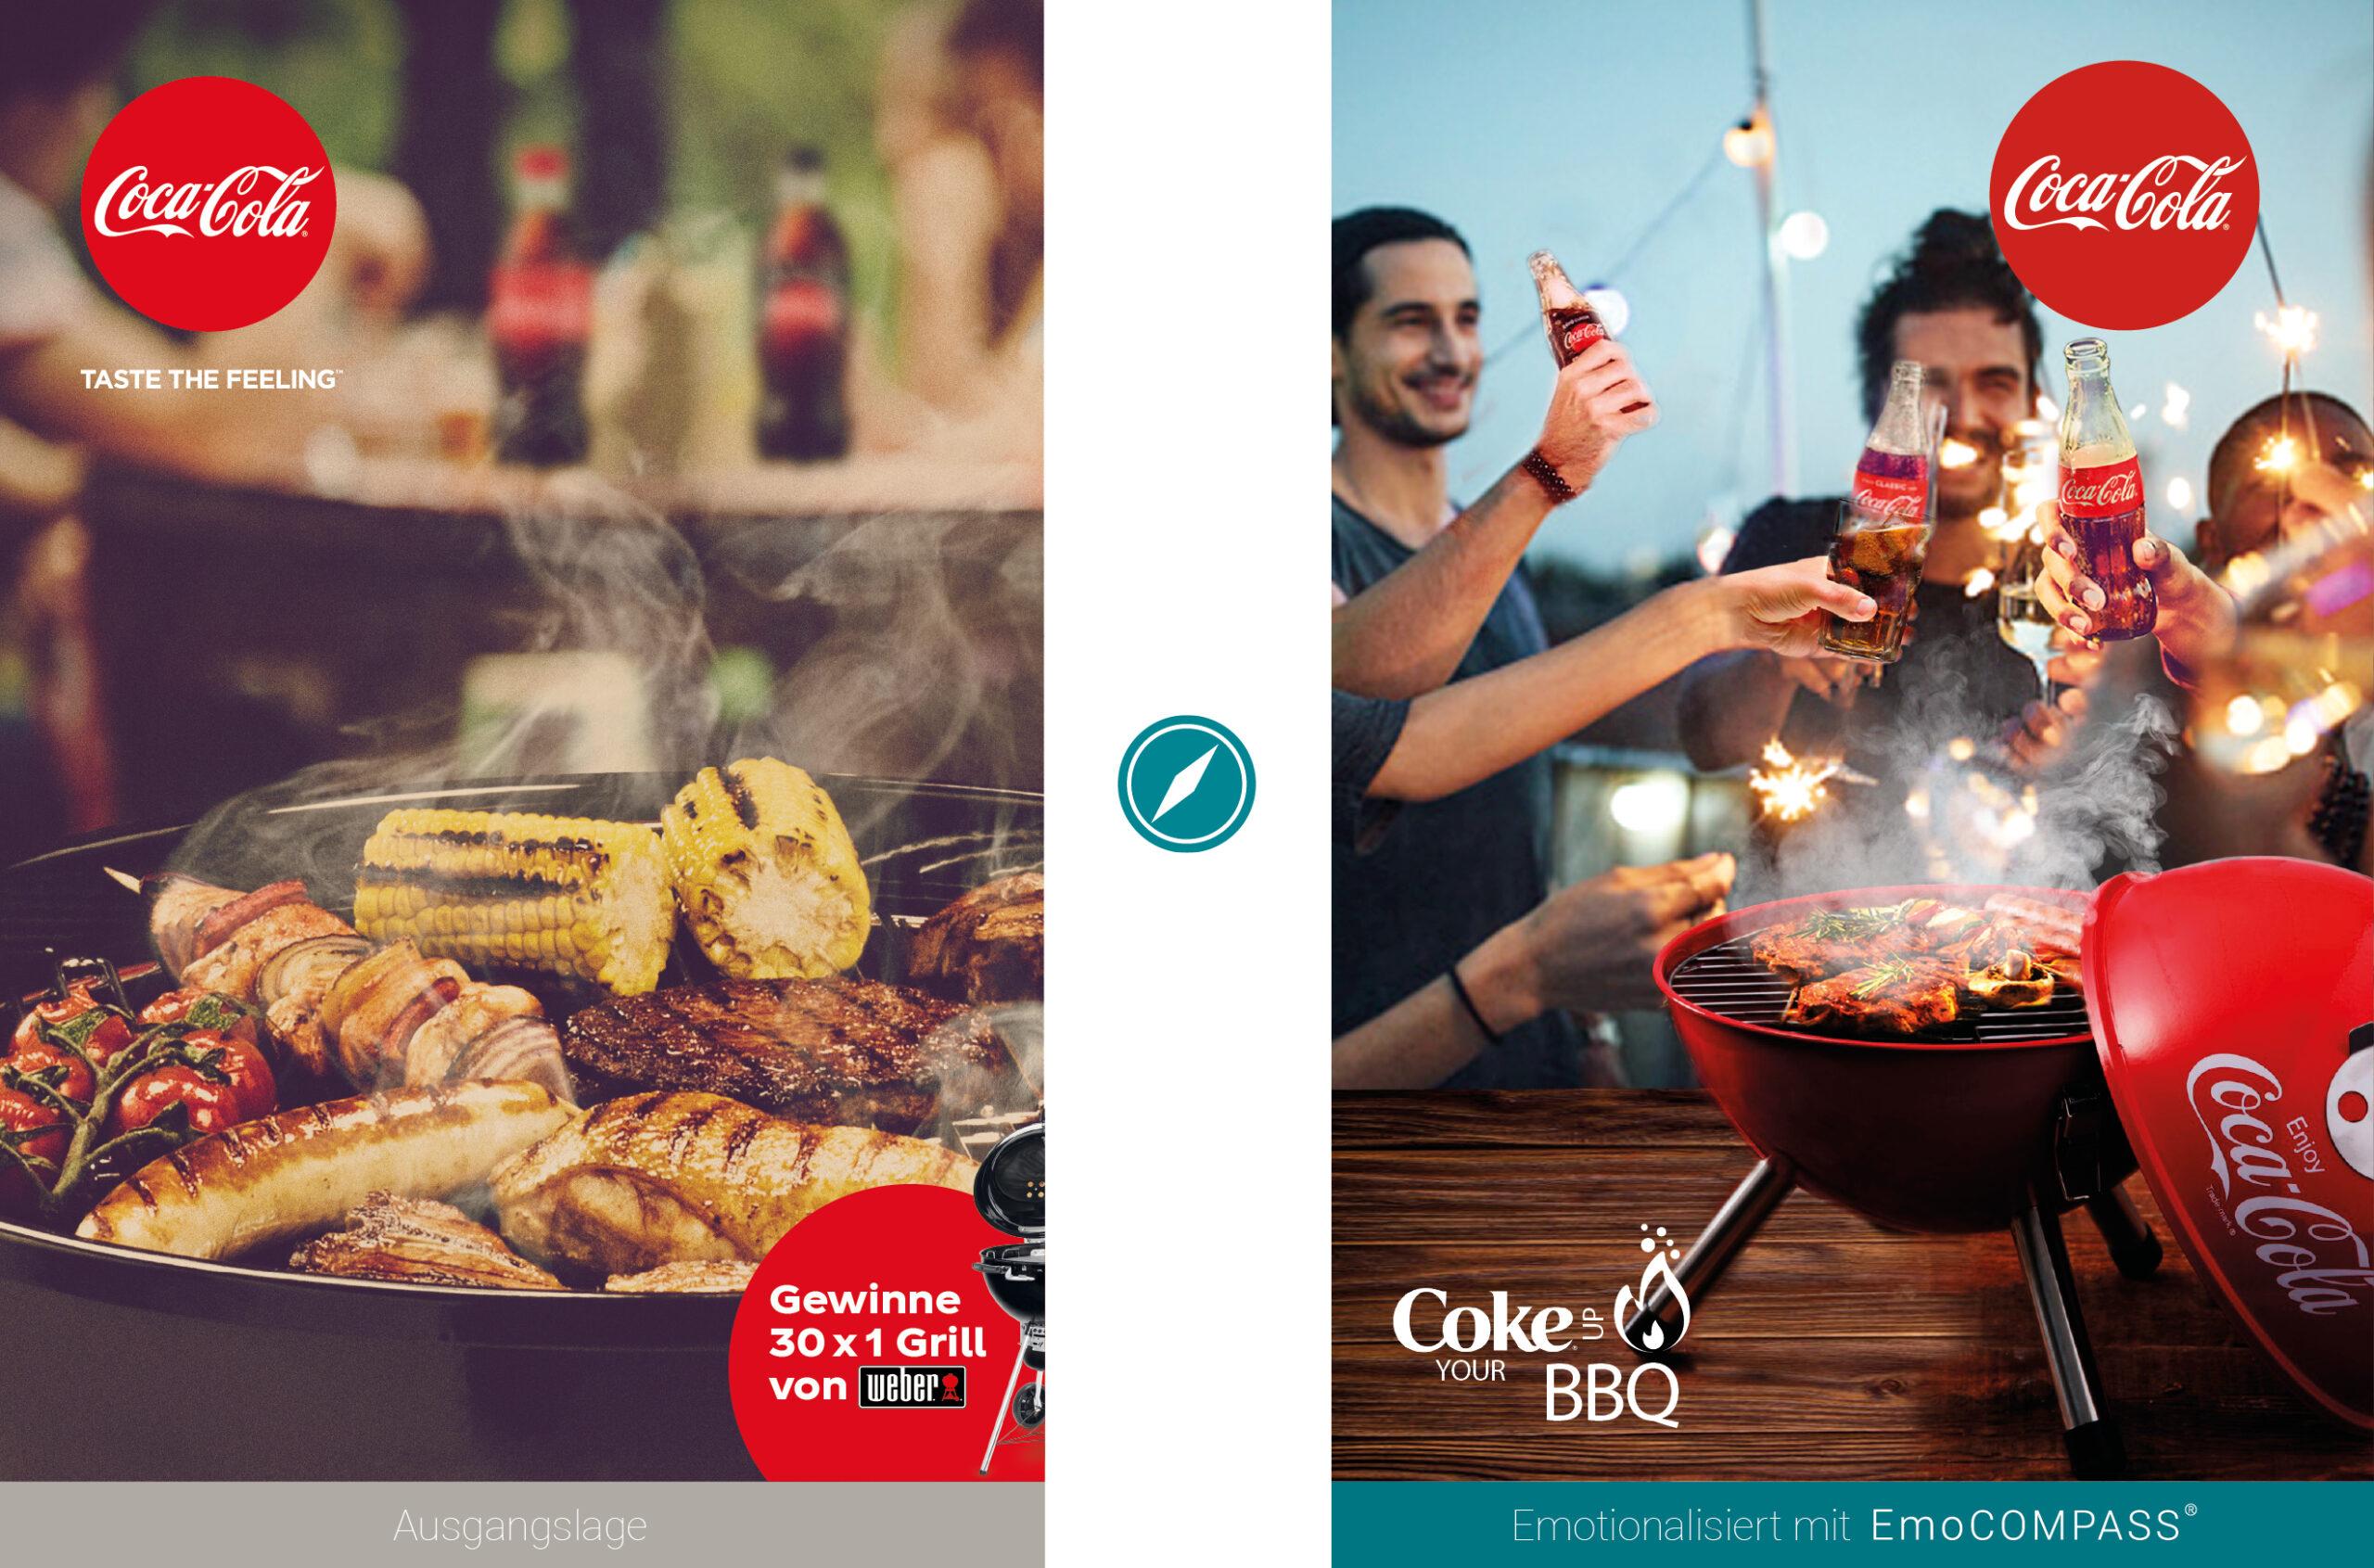 Vorher-/Nachher-Vergleich Promo-Kampagne Coke up your BBQ